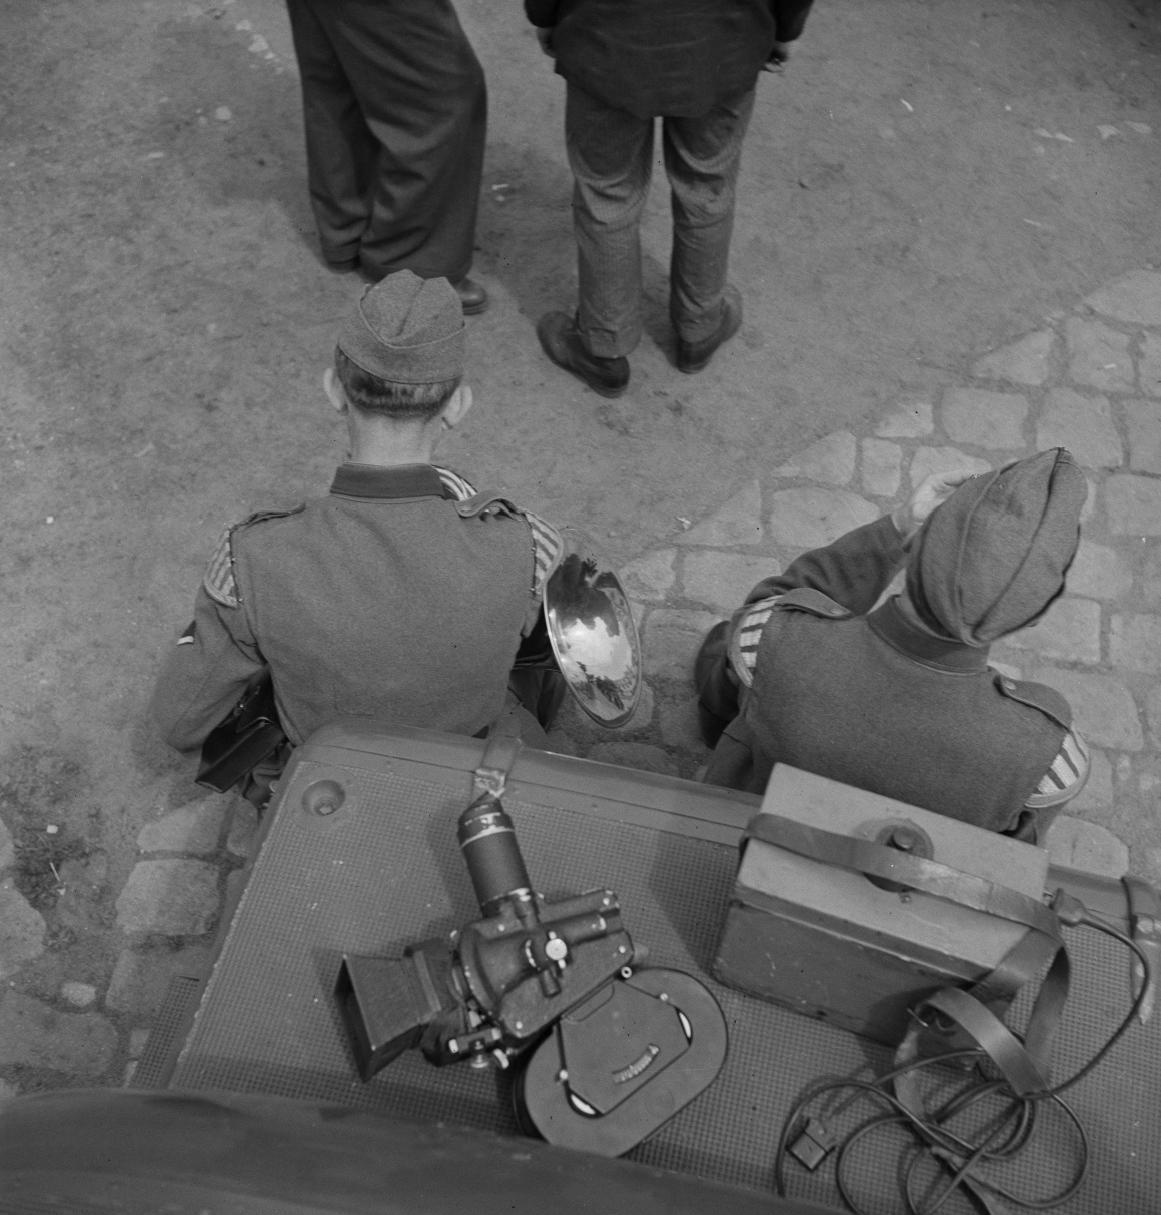 05. Музыканты стоят рядом с камерой кинооператора